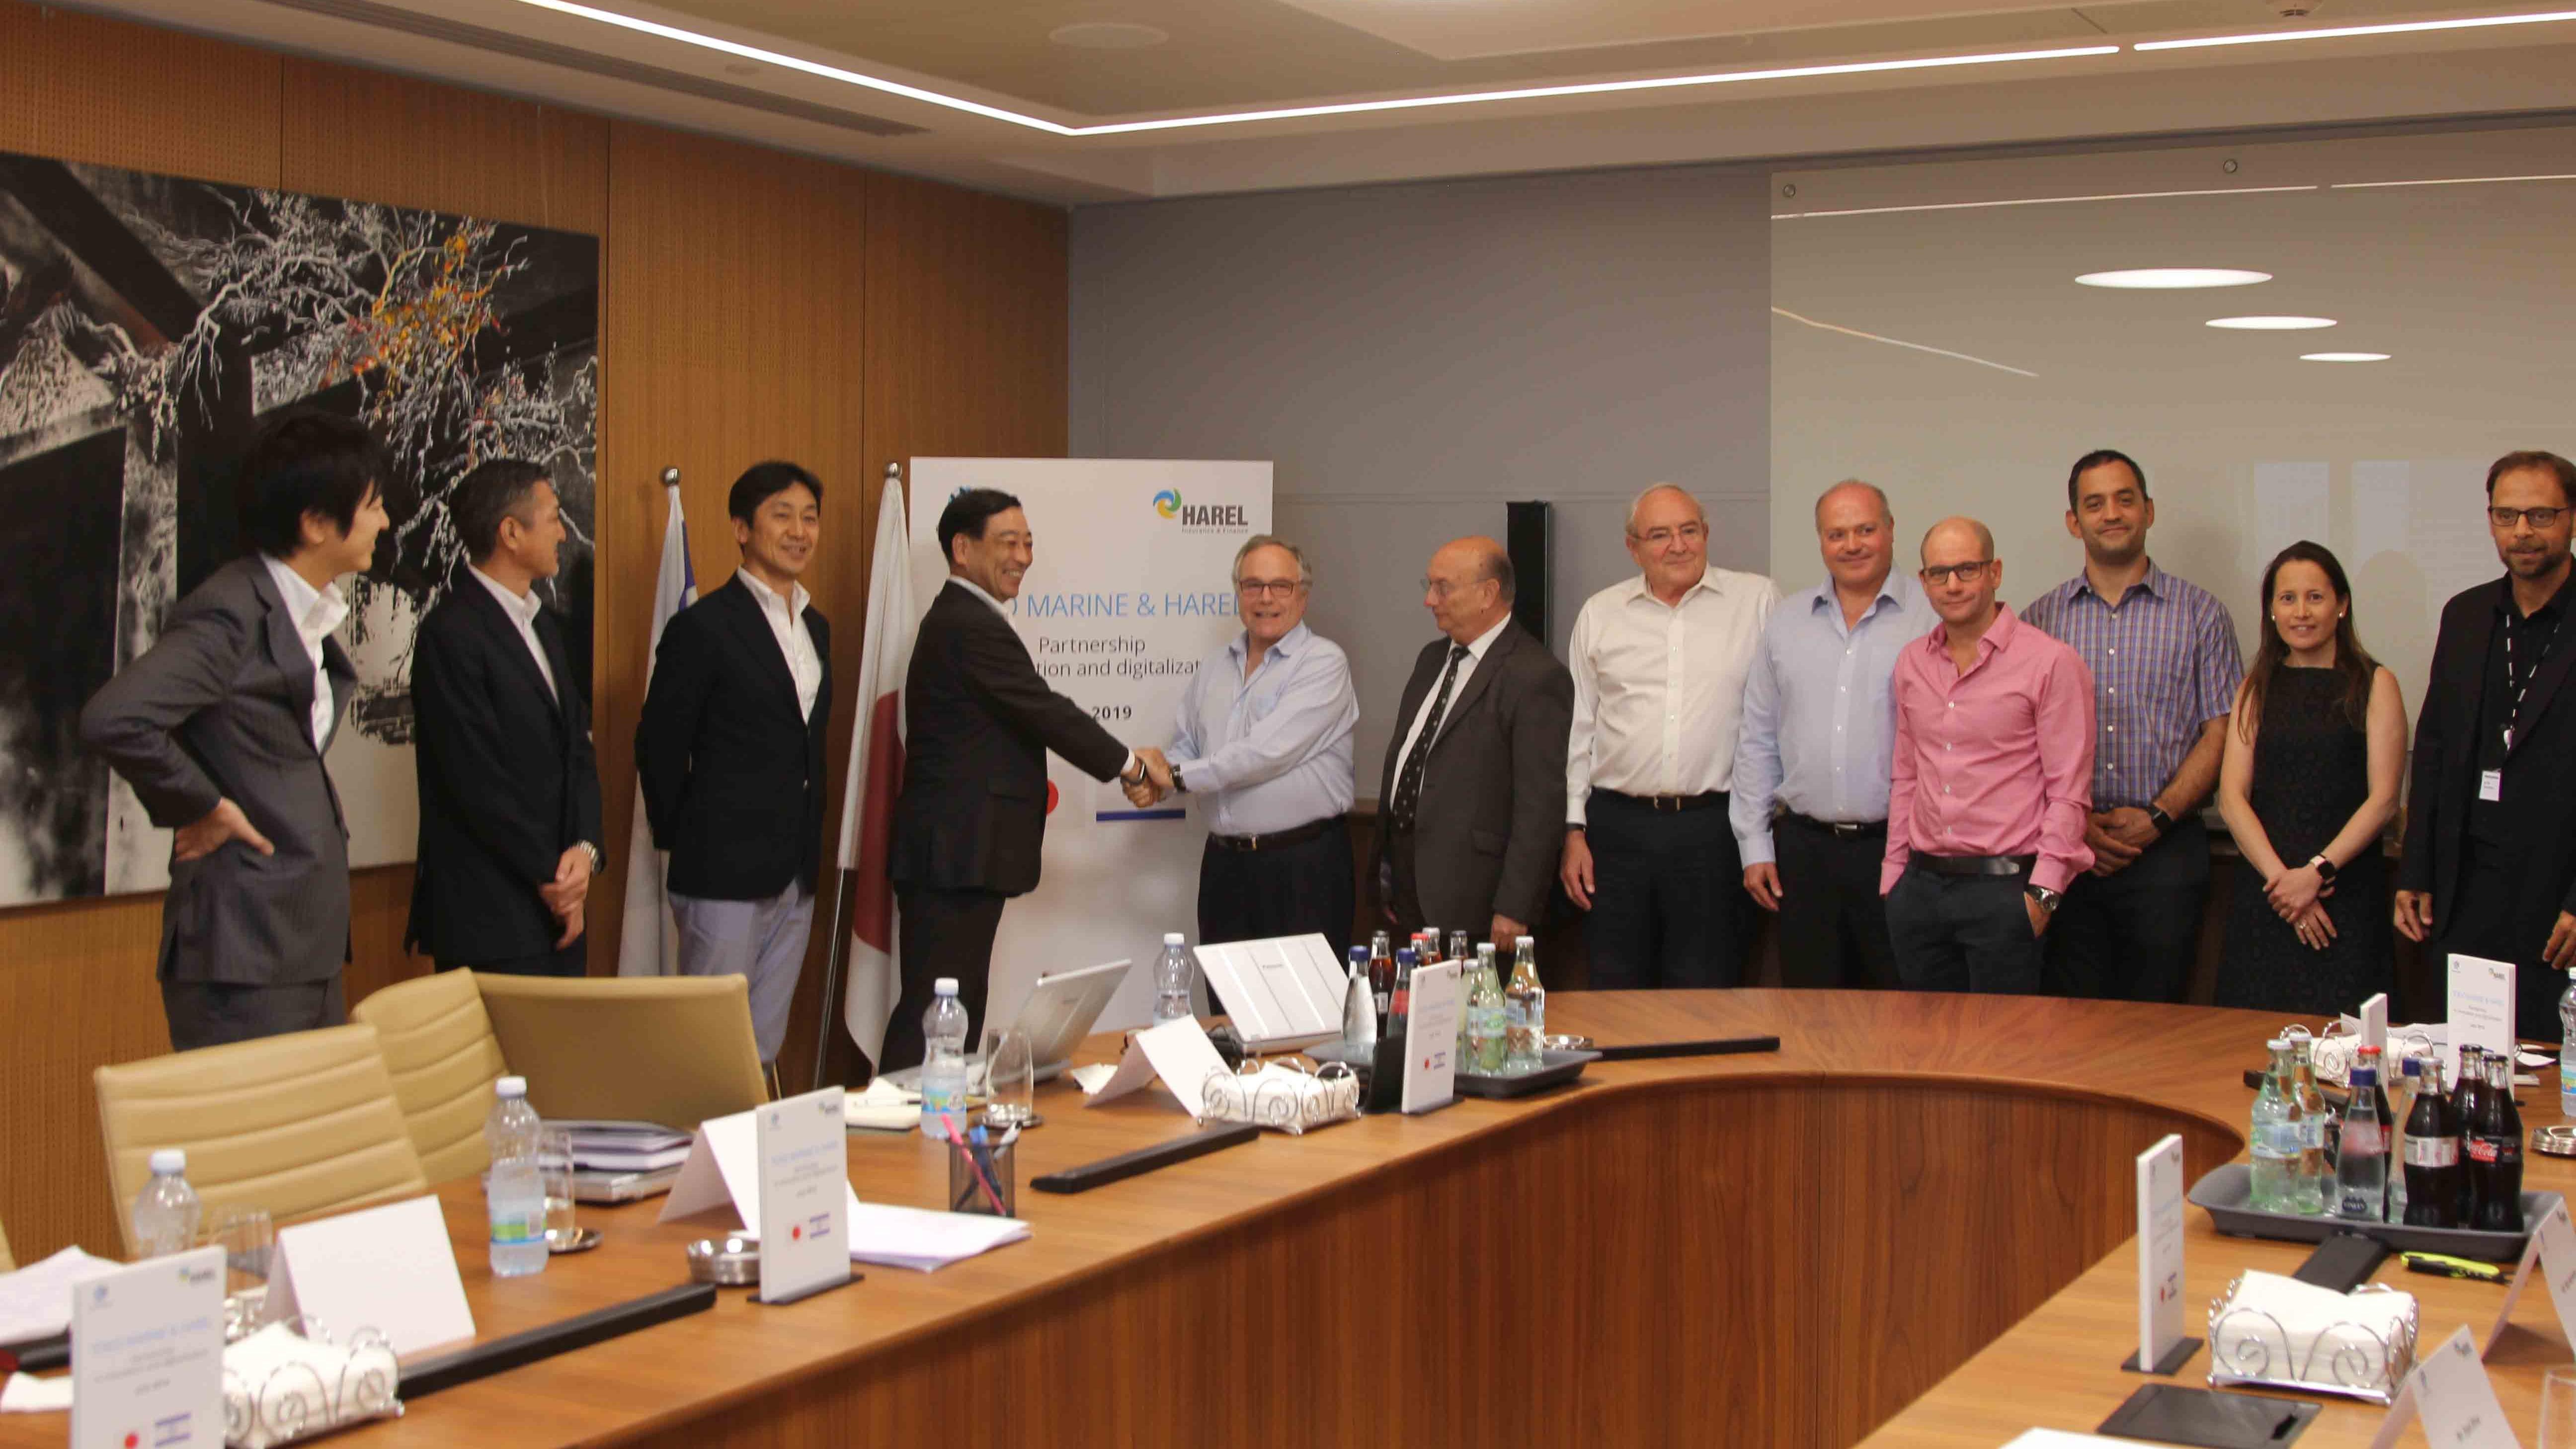 הראל ותאגיד הביטוח הגדול ביותר ביפן ישתפו פעולה בישראל בחיפוש אחר חדשנות והשקעות טכנולוגיות